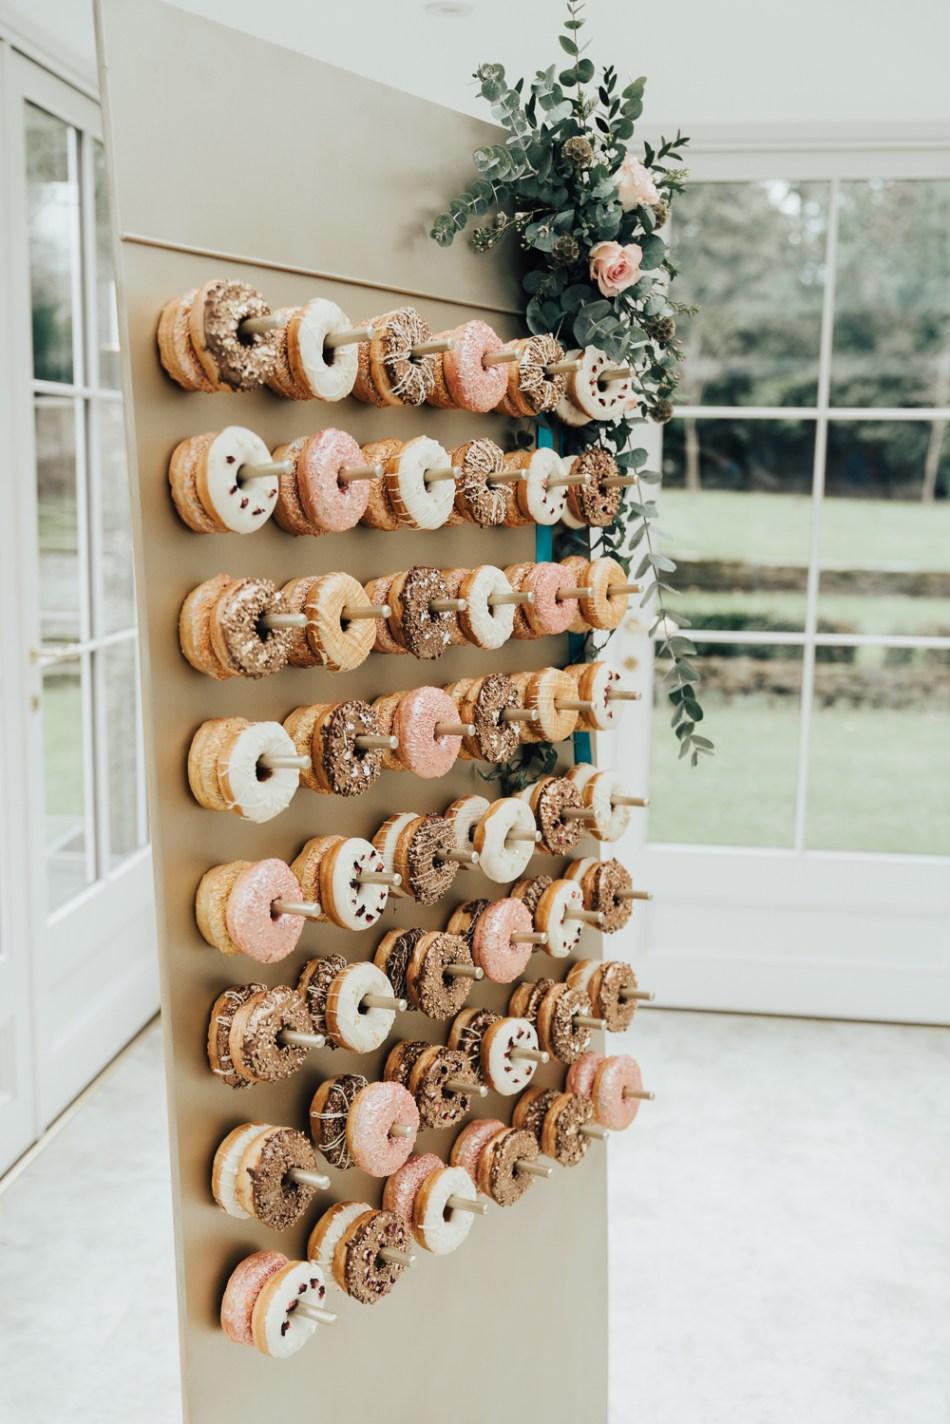 Bruiloft ideeën met donuts